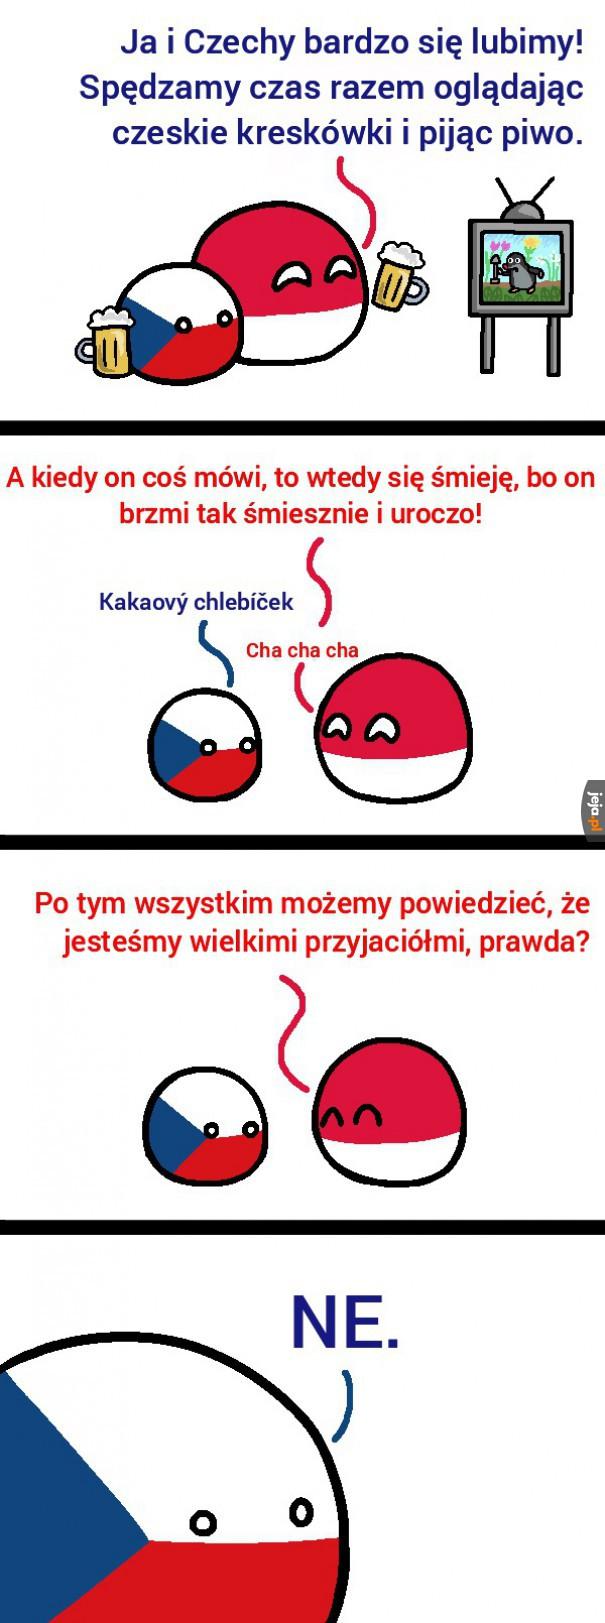 Polsko-czeskie relacje